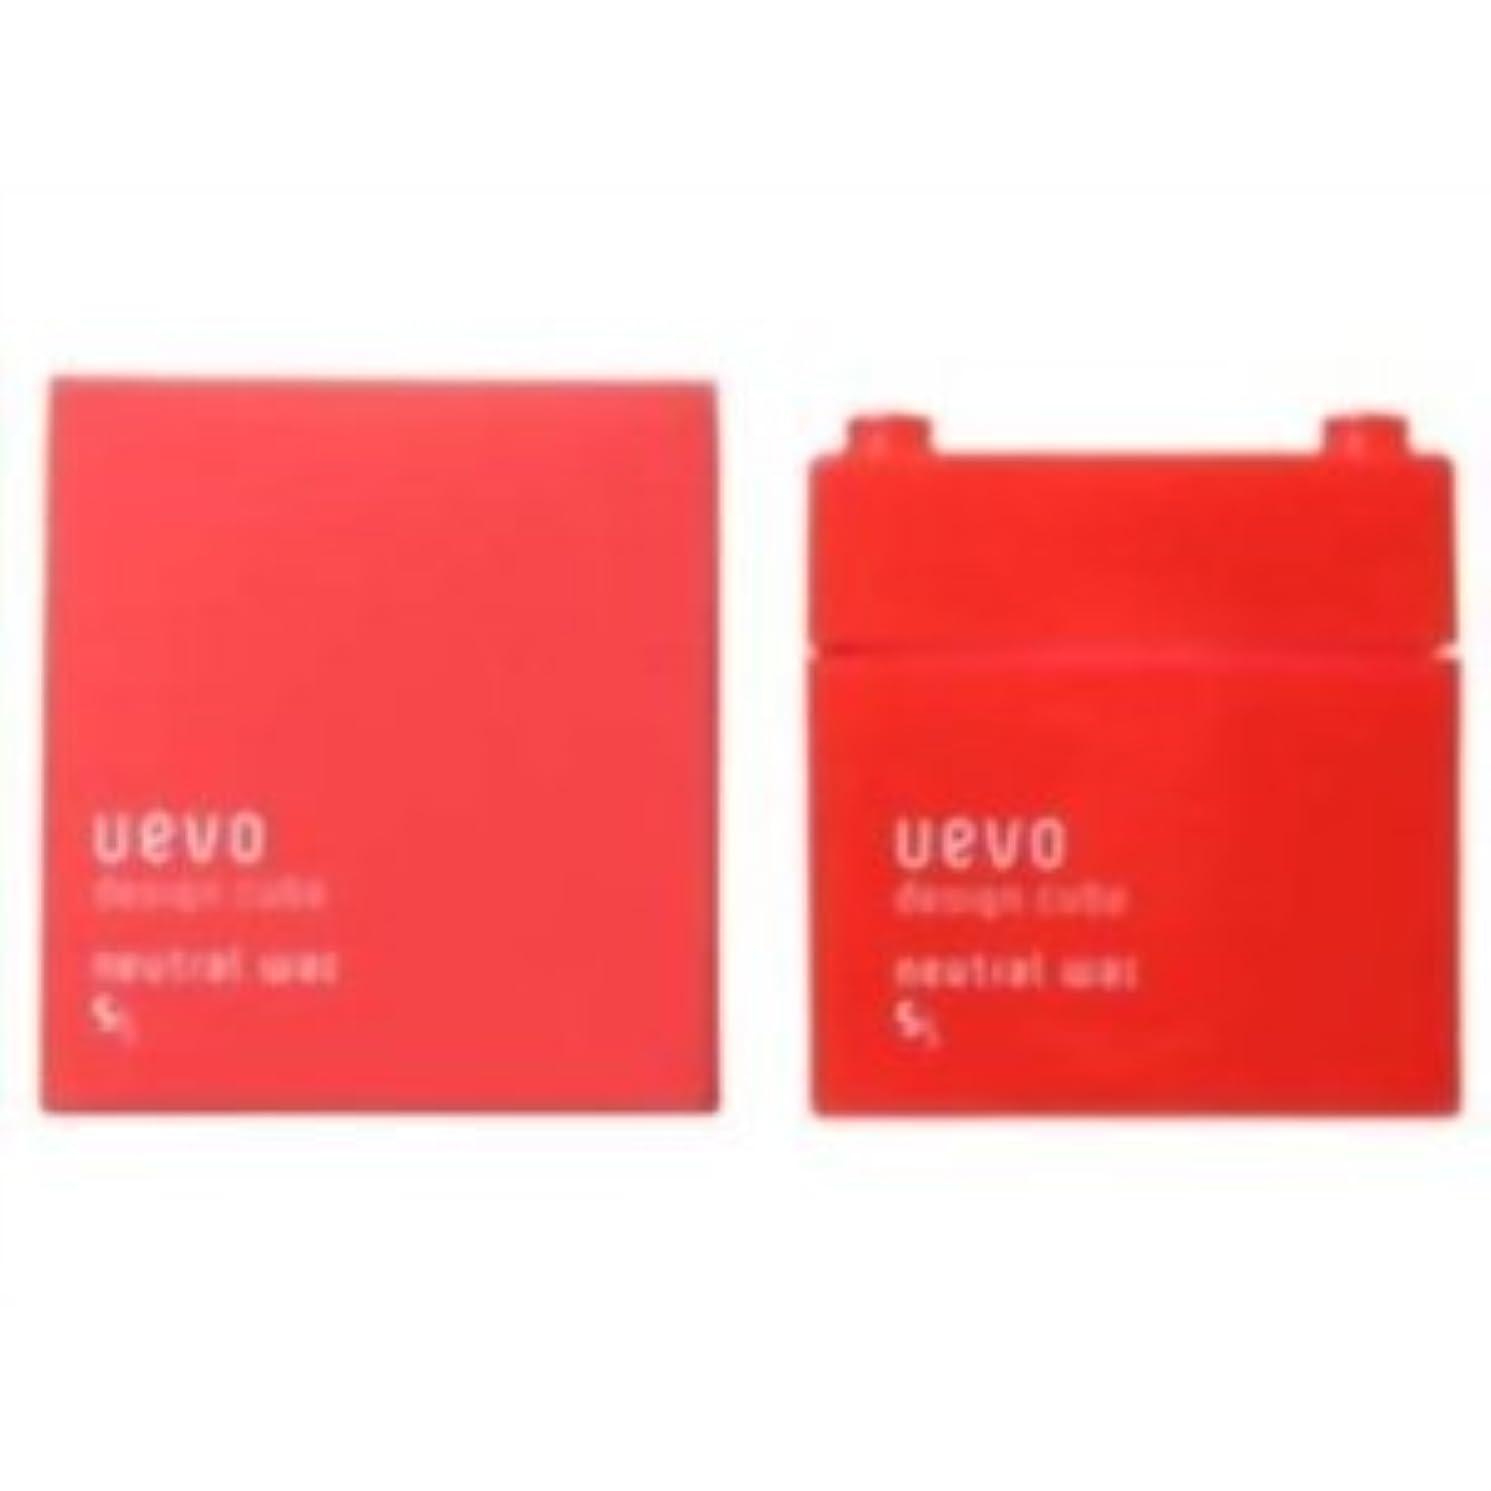 一貫性のないシャンプー甘美な【X2個セット】 デミ ウェーボ デザインキューブ ニュートラルワックス 80g neutral wax DEMI uevo design cube